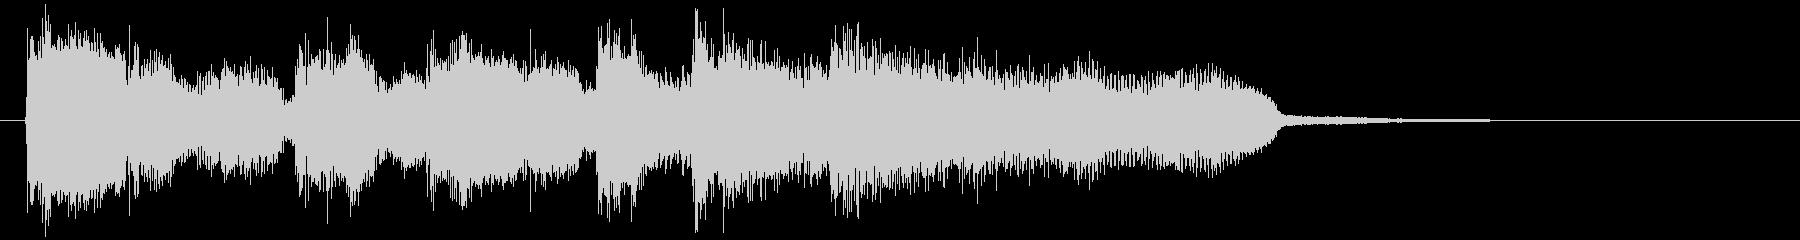 ジャズフルートのスイングするサウンドロゴの未再生の波形